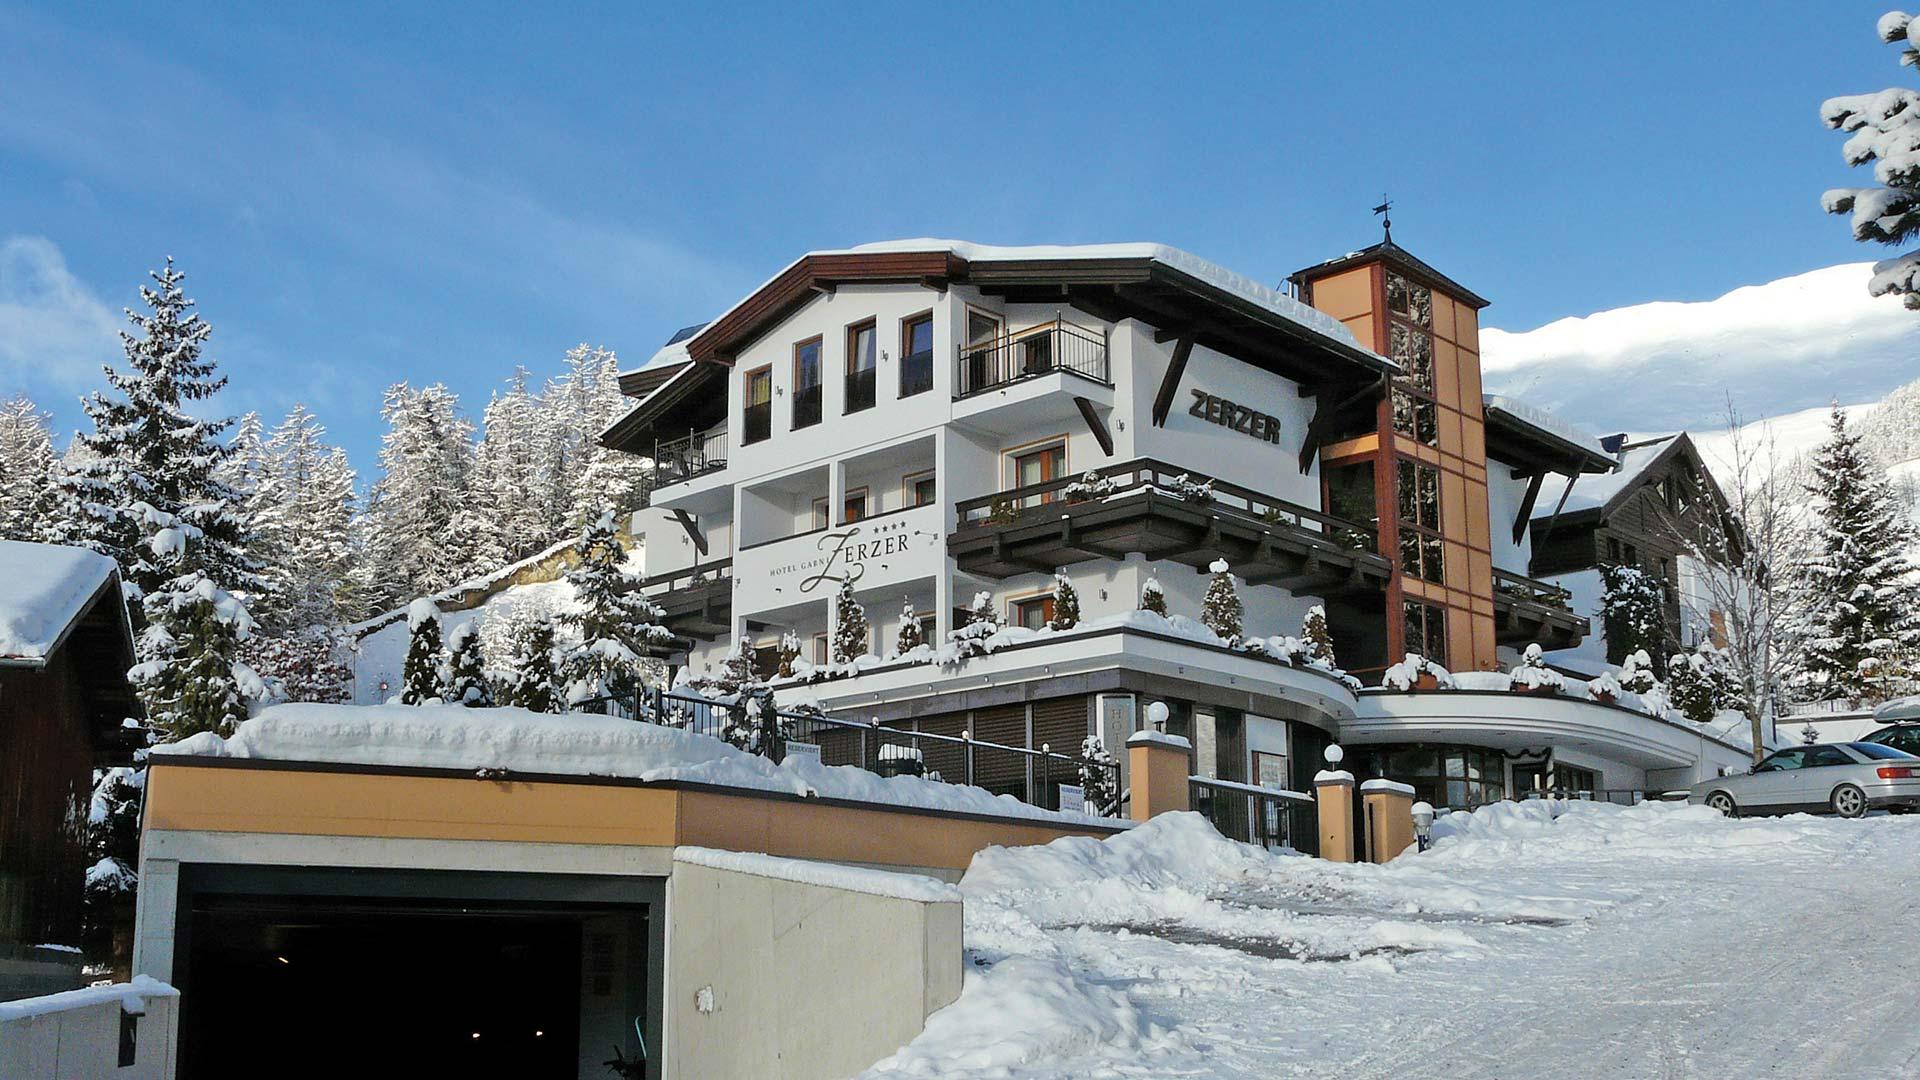 Hotel Zerzer Serfaus